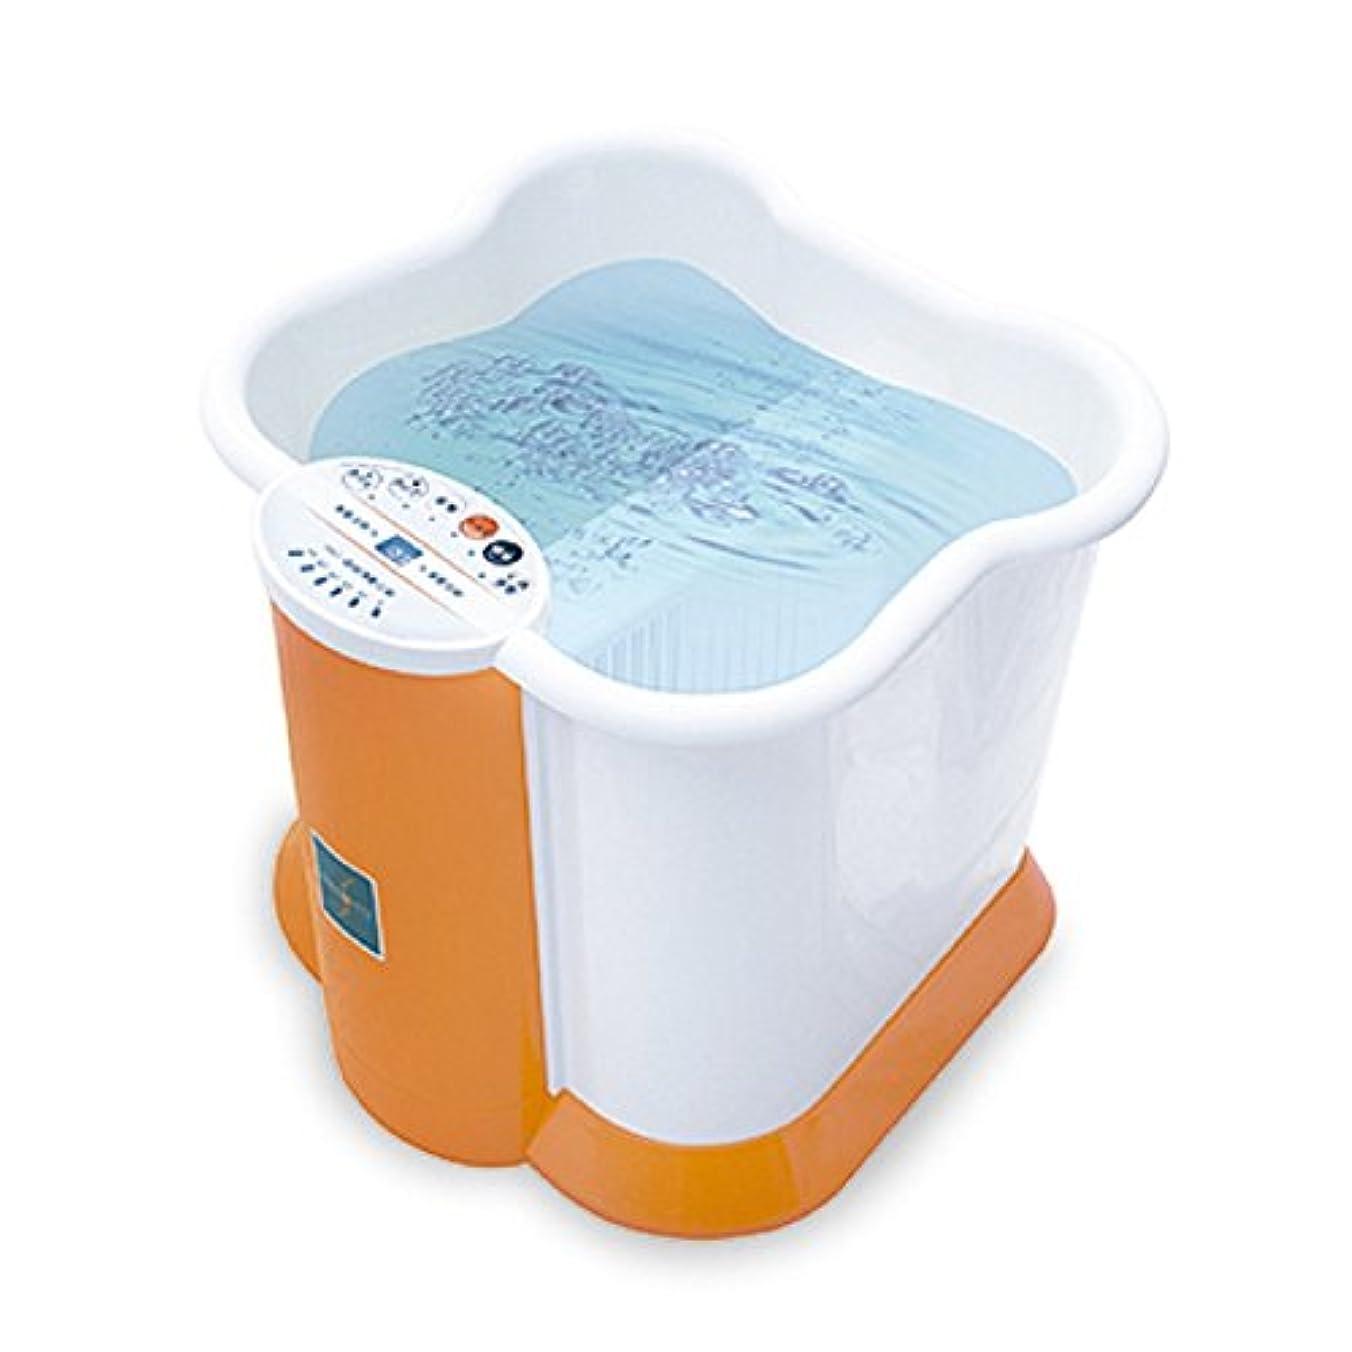 本土勇気のある専門化する深型 足湯 フットバス Ashiyu foot Spa KS-N1010 保温 バブル